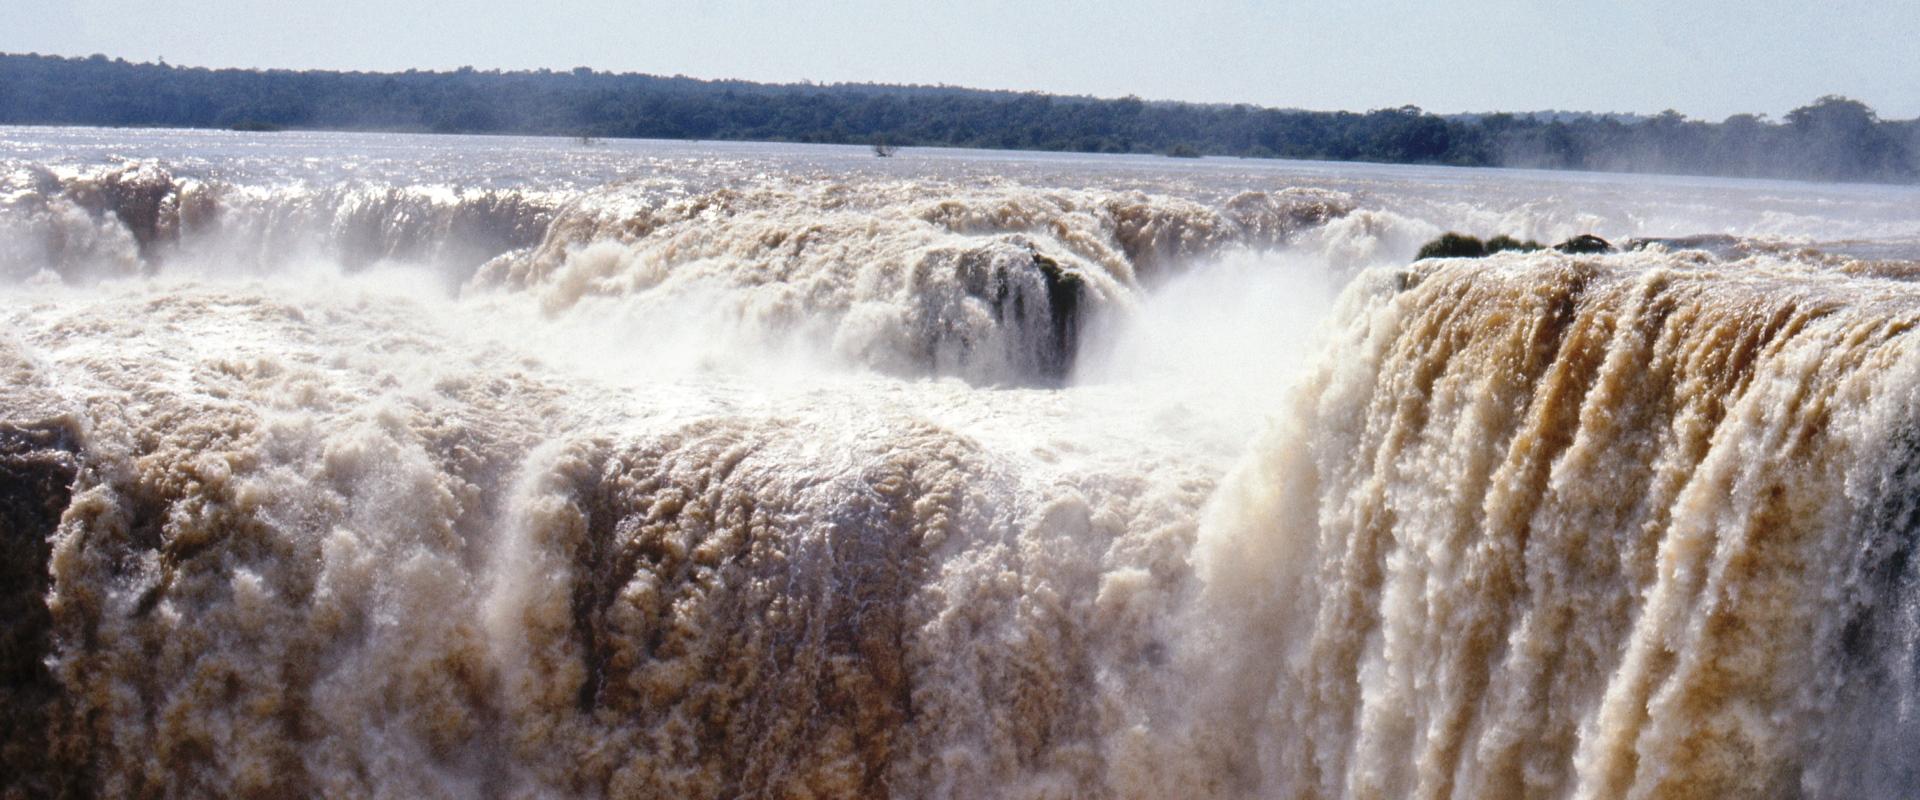 Der Wasserfall – ein landschaftliches Faszinosum